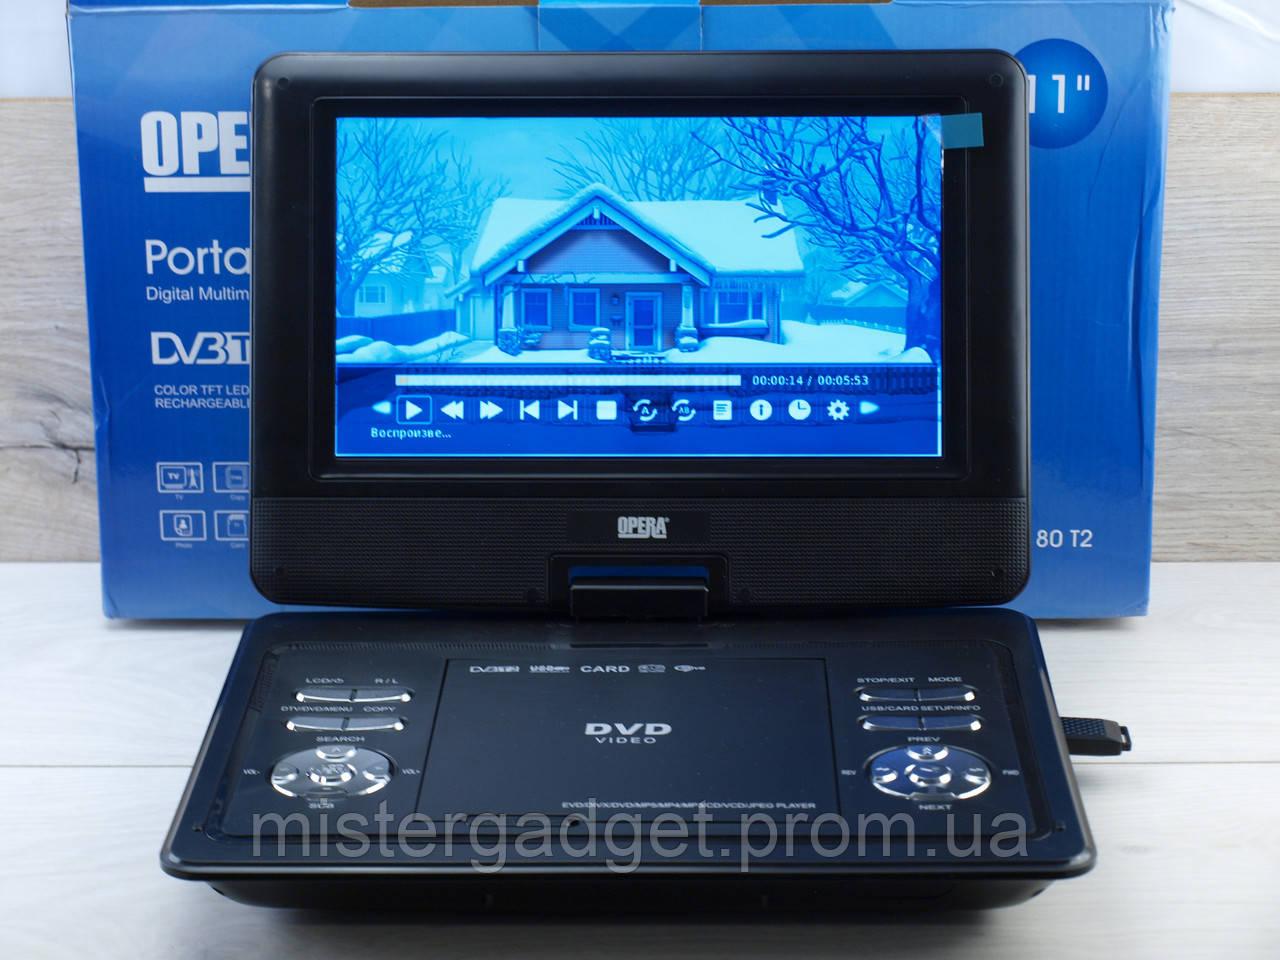 Портативный плеер TV DVD Opera NS -1180 DVB-T2